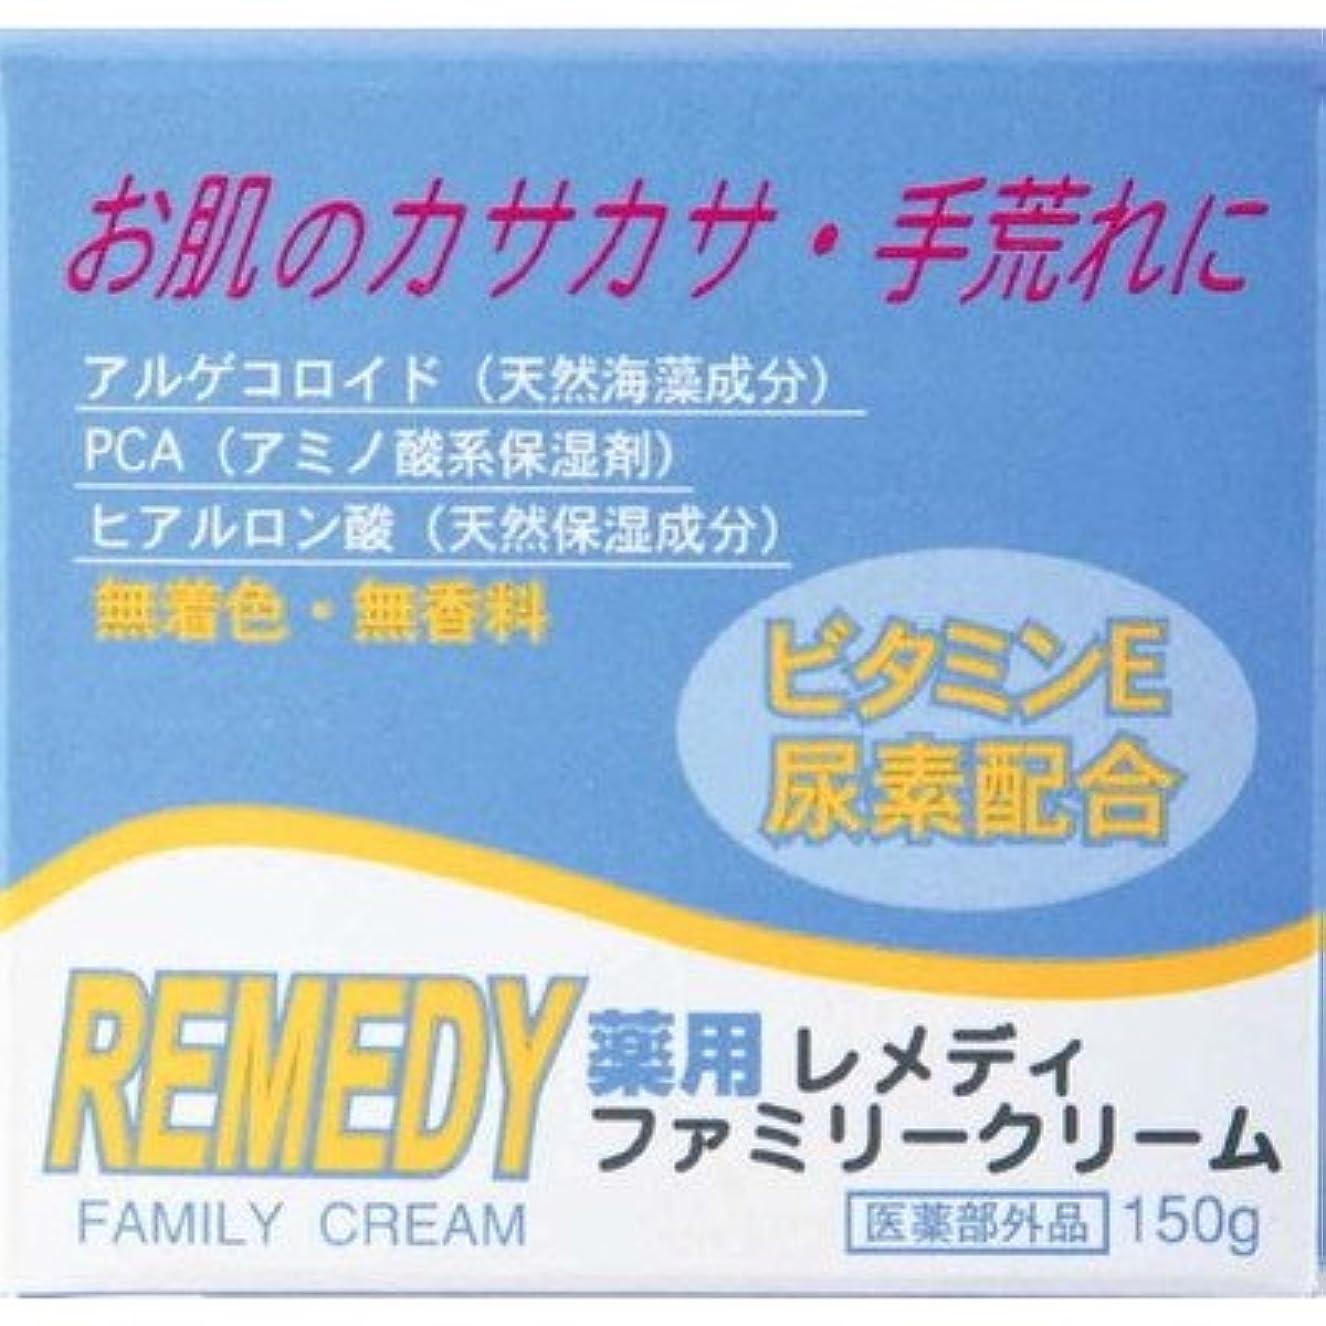 腫瘍汚れた包囲【医薬部外品】薬用レメディ ファミリークリーム 150g